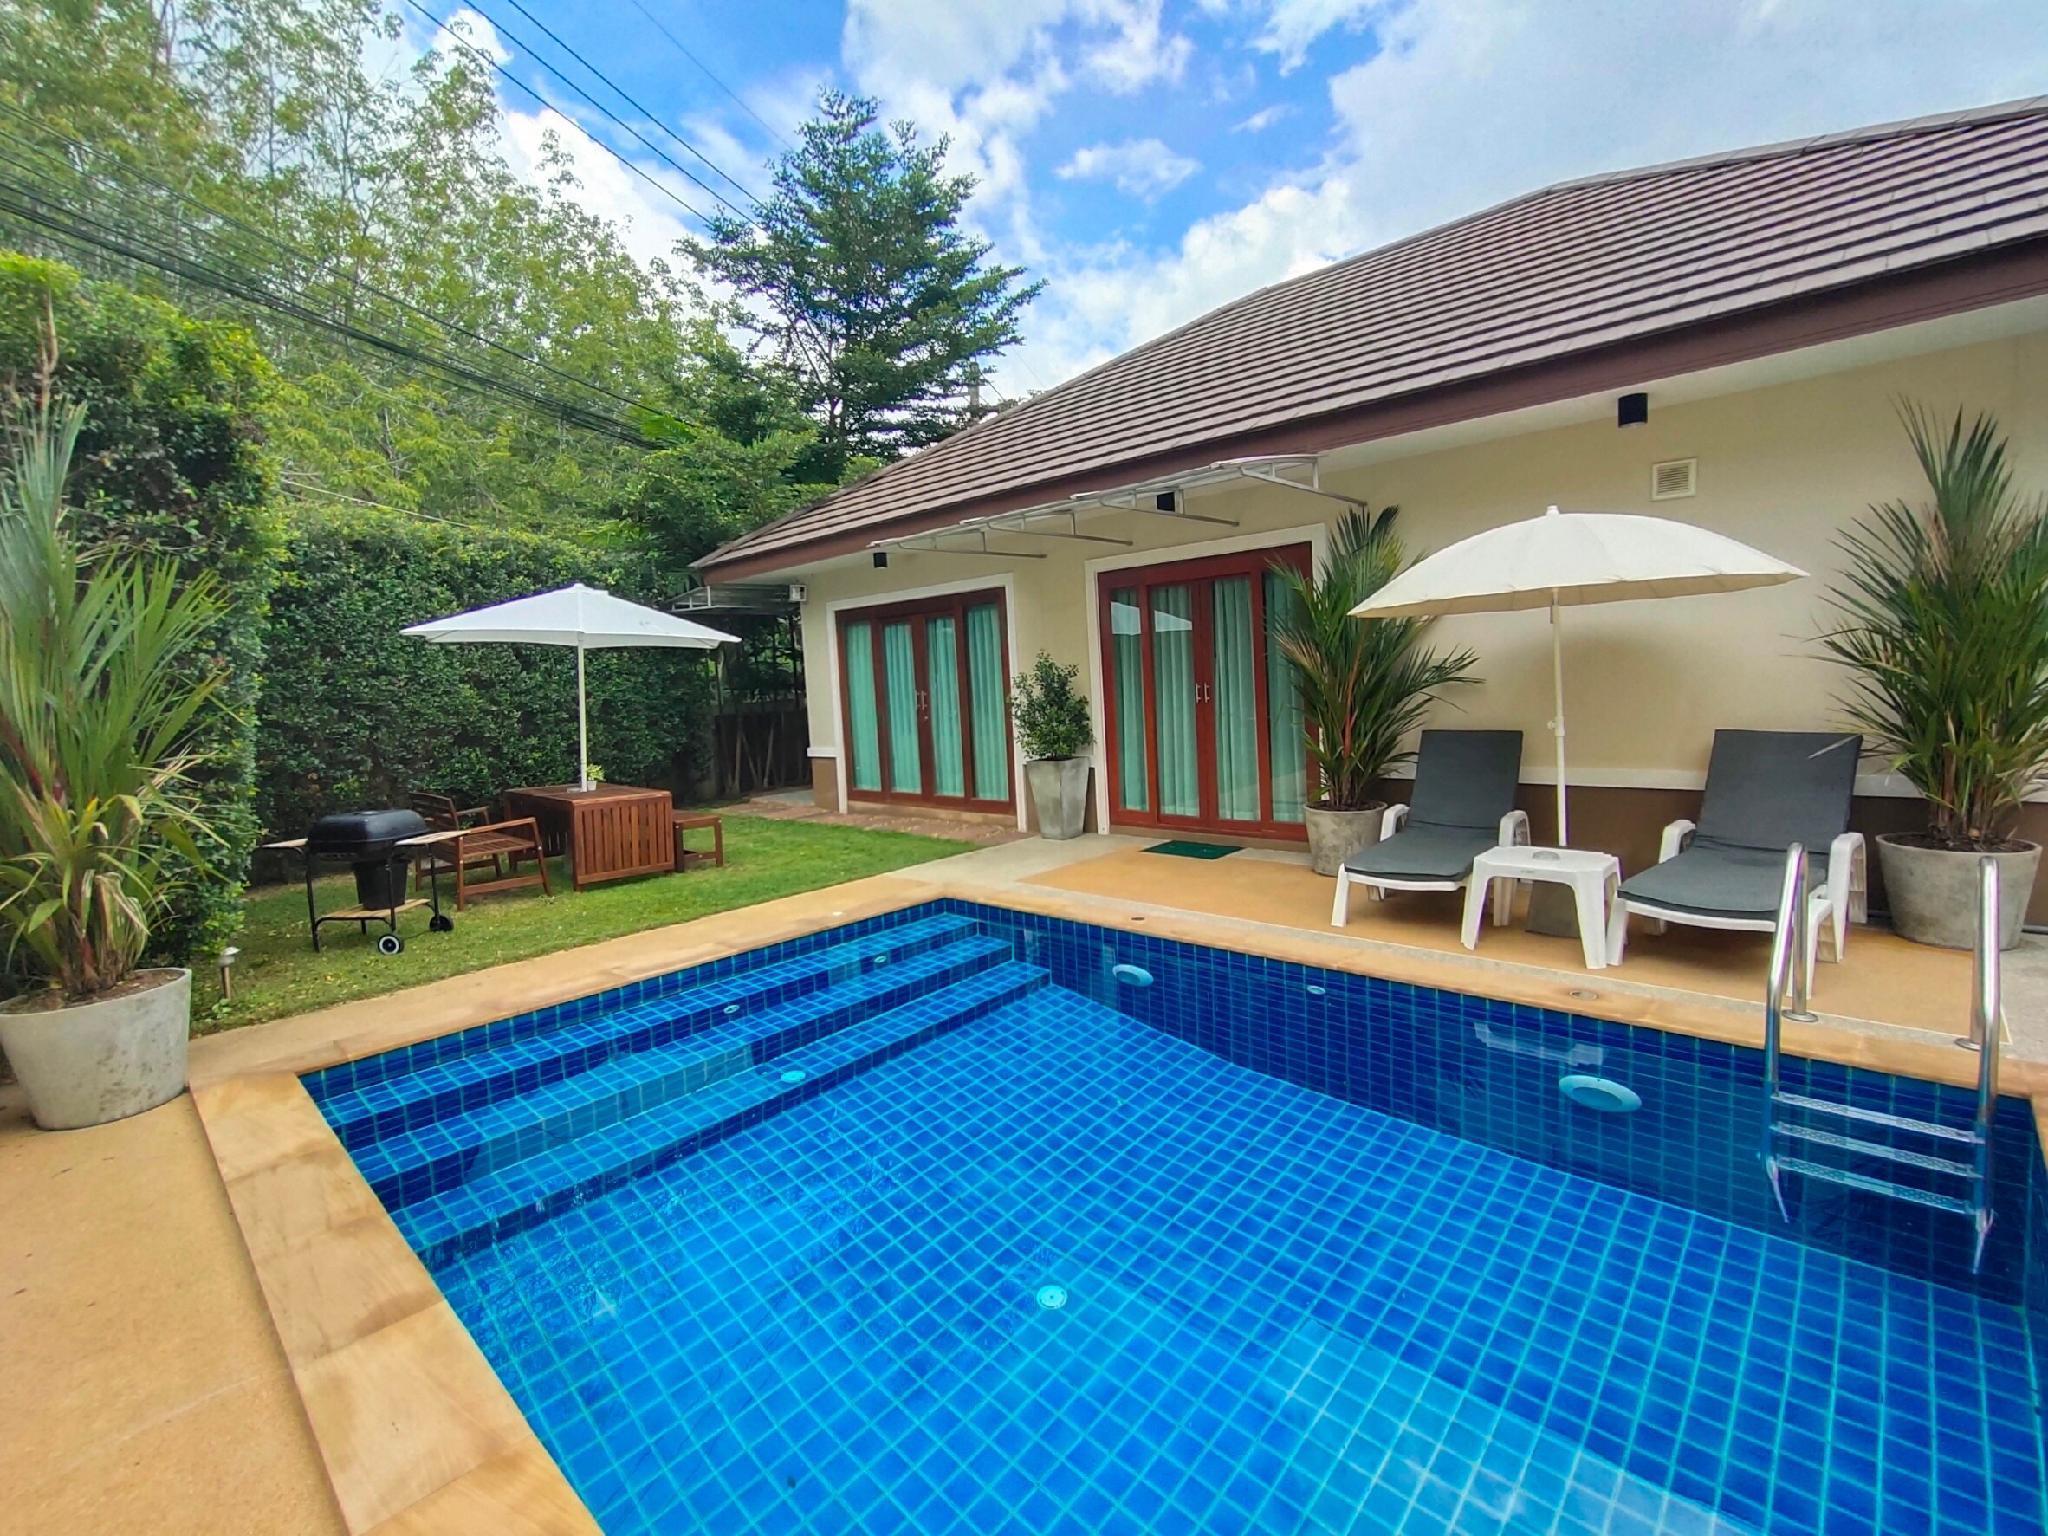 Aonang Private Pool Villa And Garden